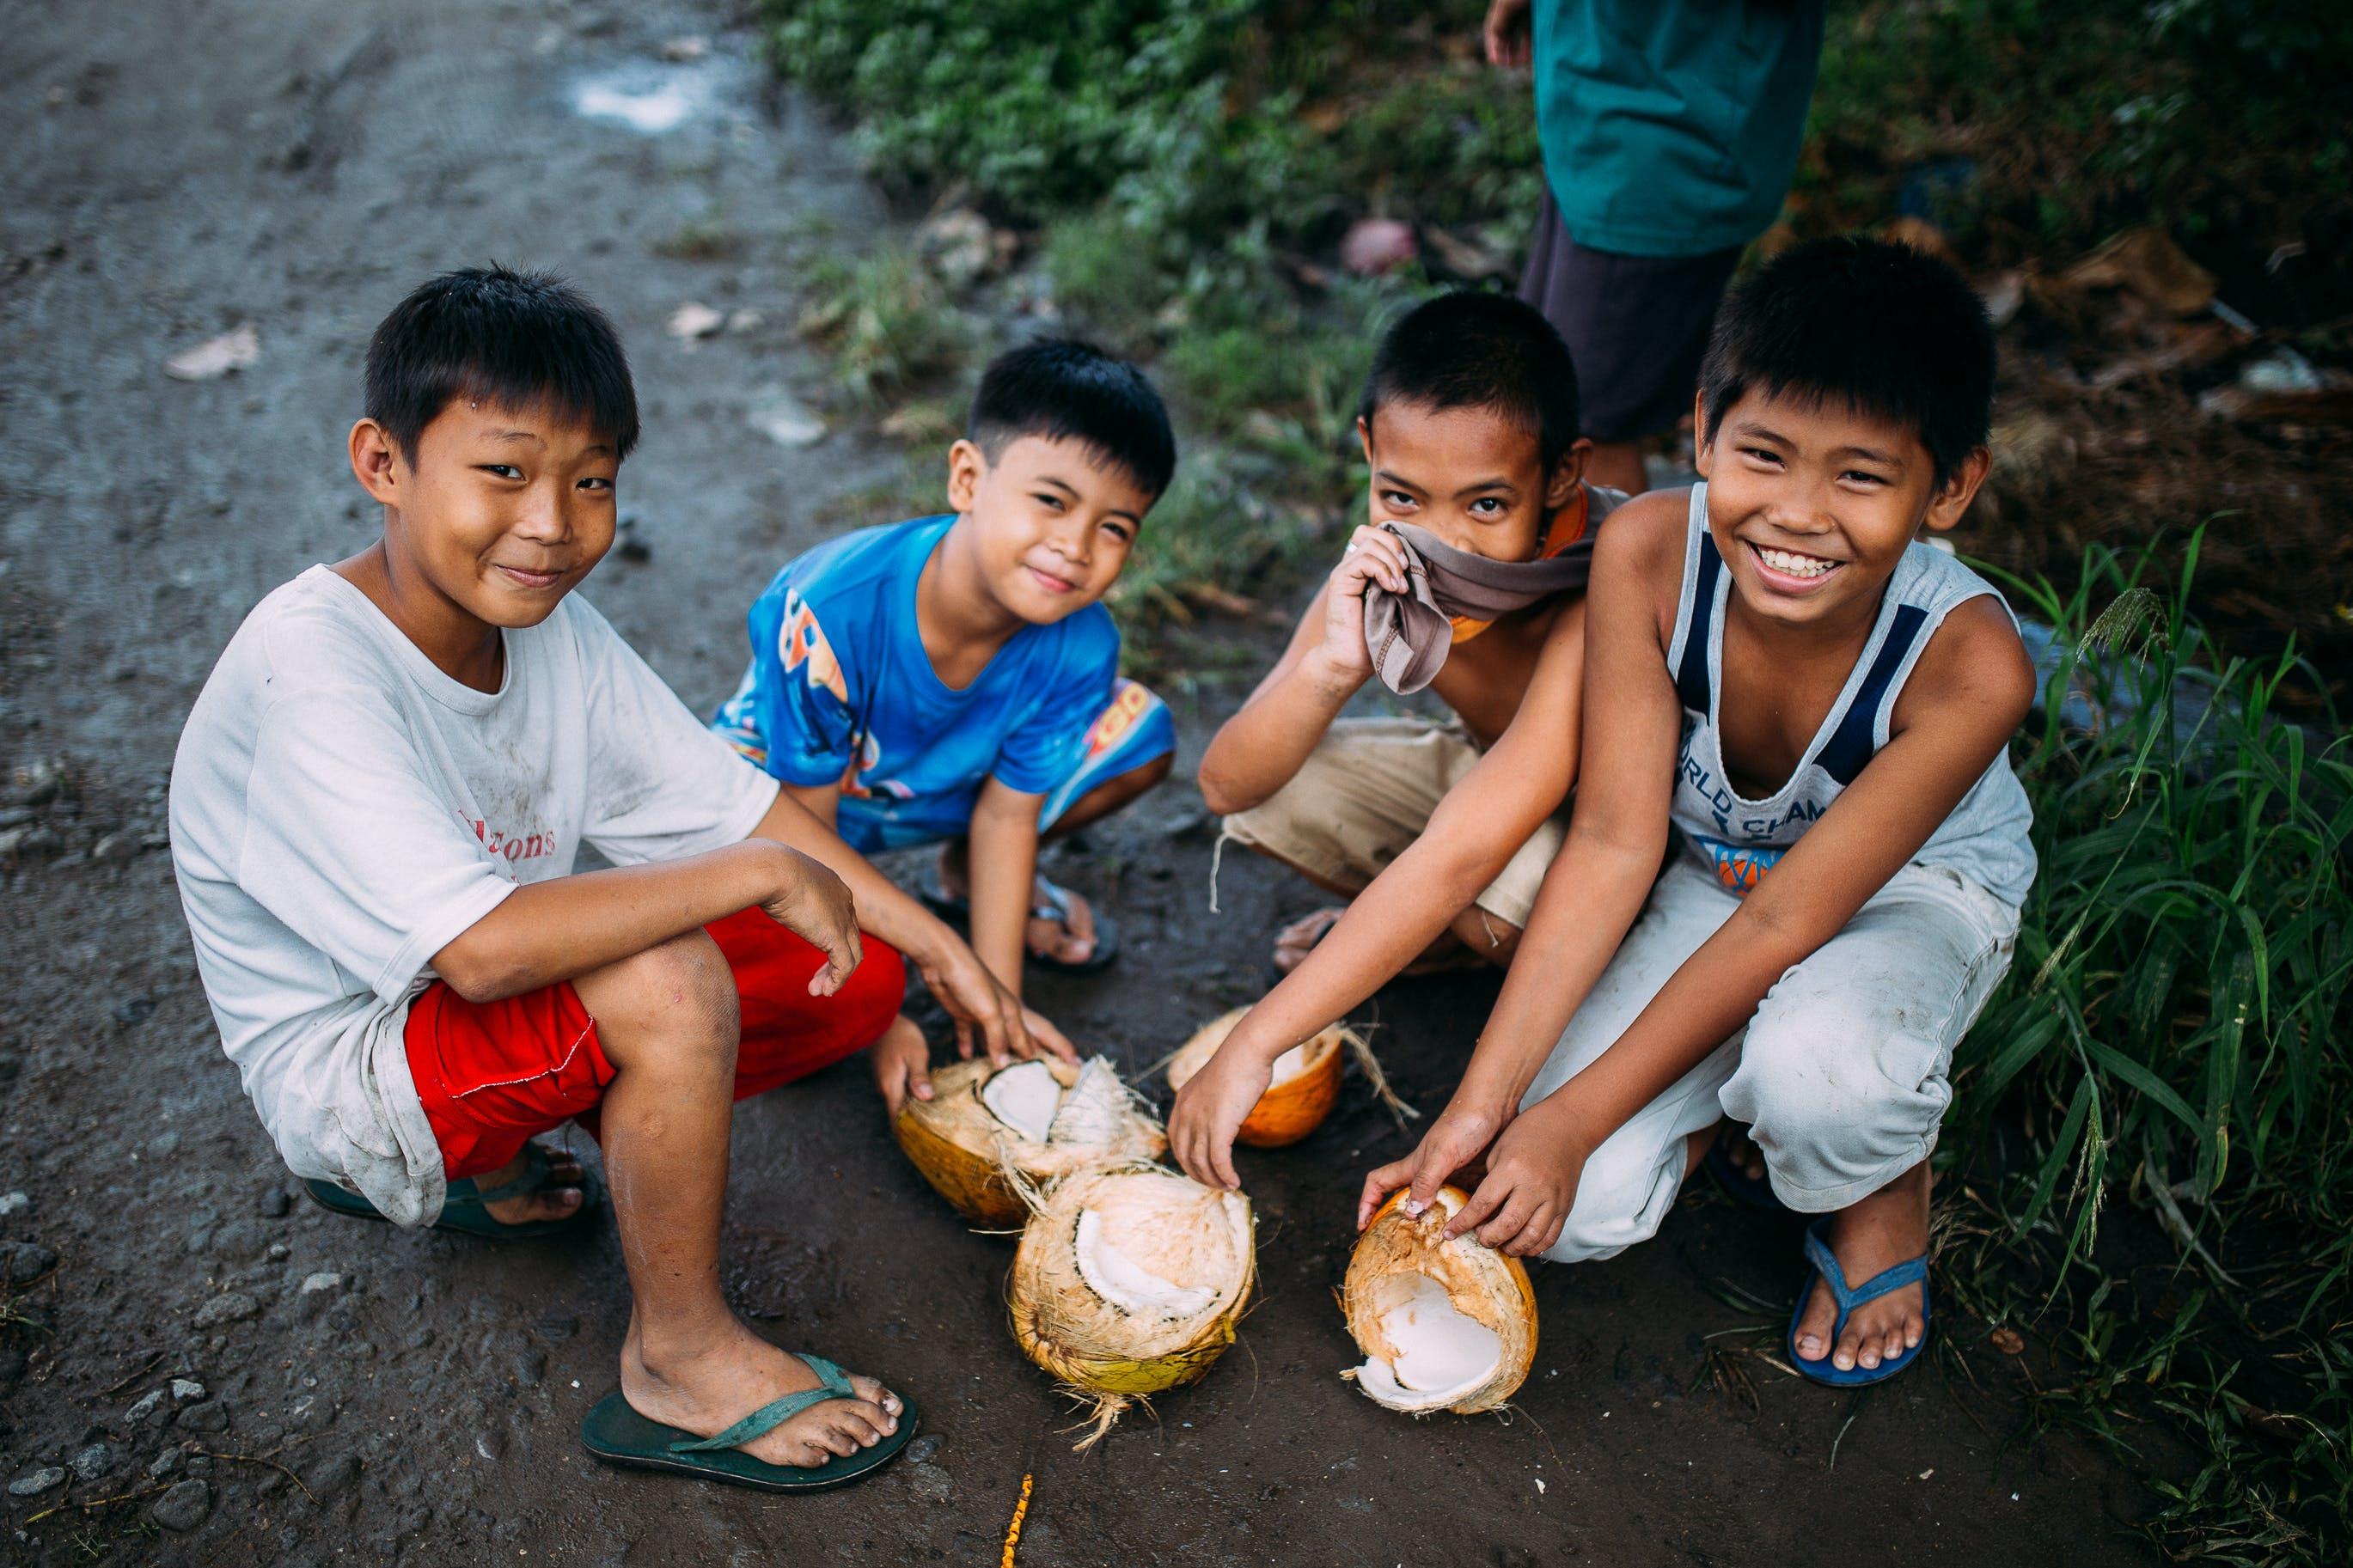 aşındırmak, asyalı insanlar, beraber, çocuklar içeren Ücretsiz stok fotoğraf